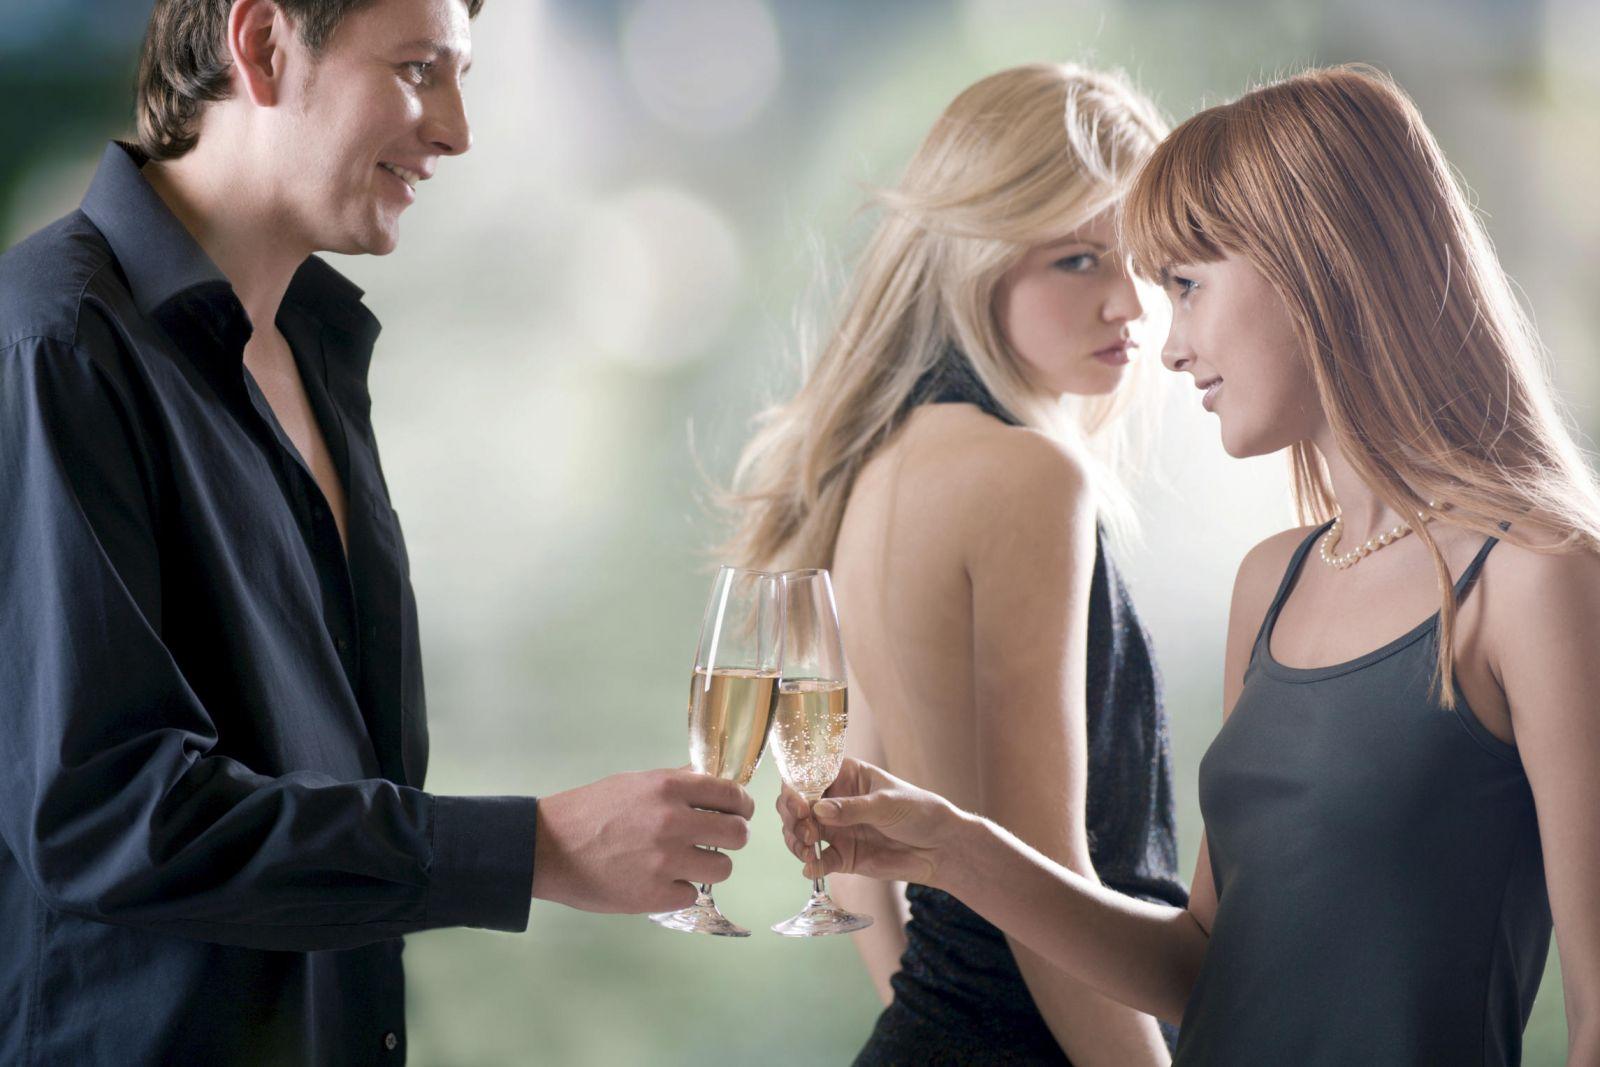 Đang cãi nhau, đừng đi tâm sự với người phụ nữ khác - Ảnh 1